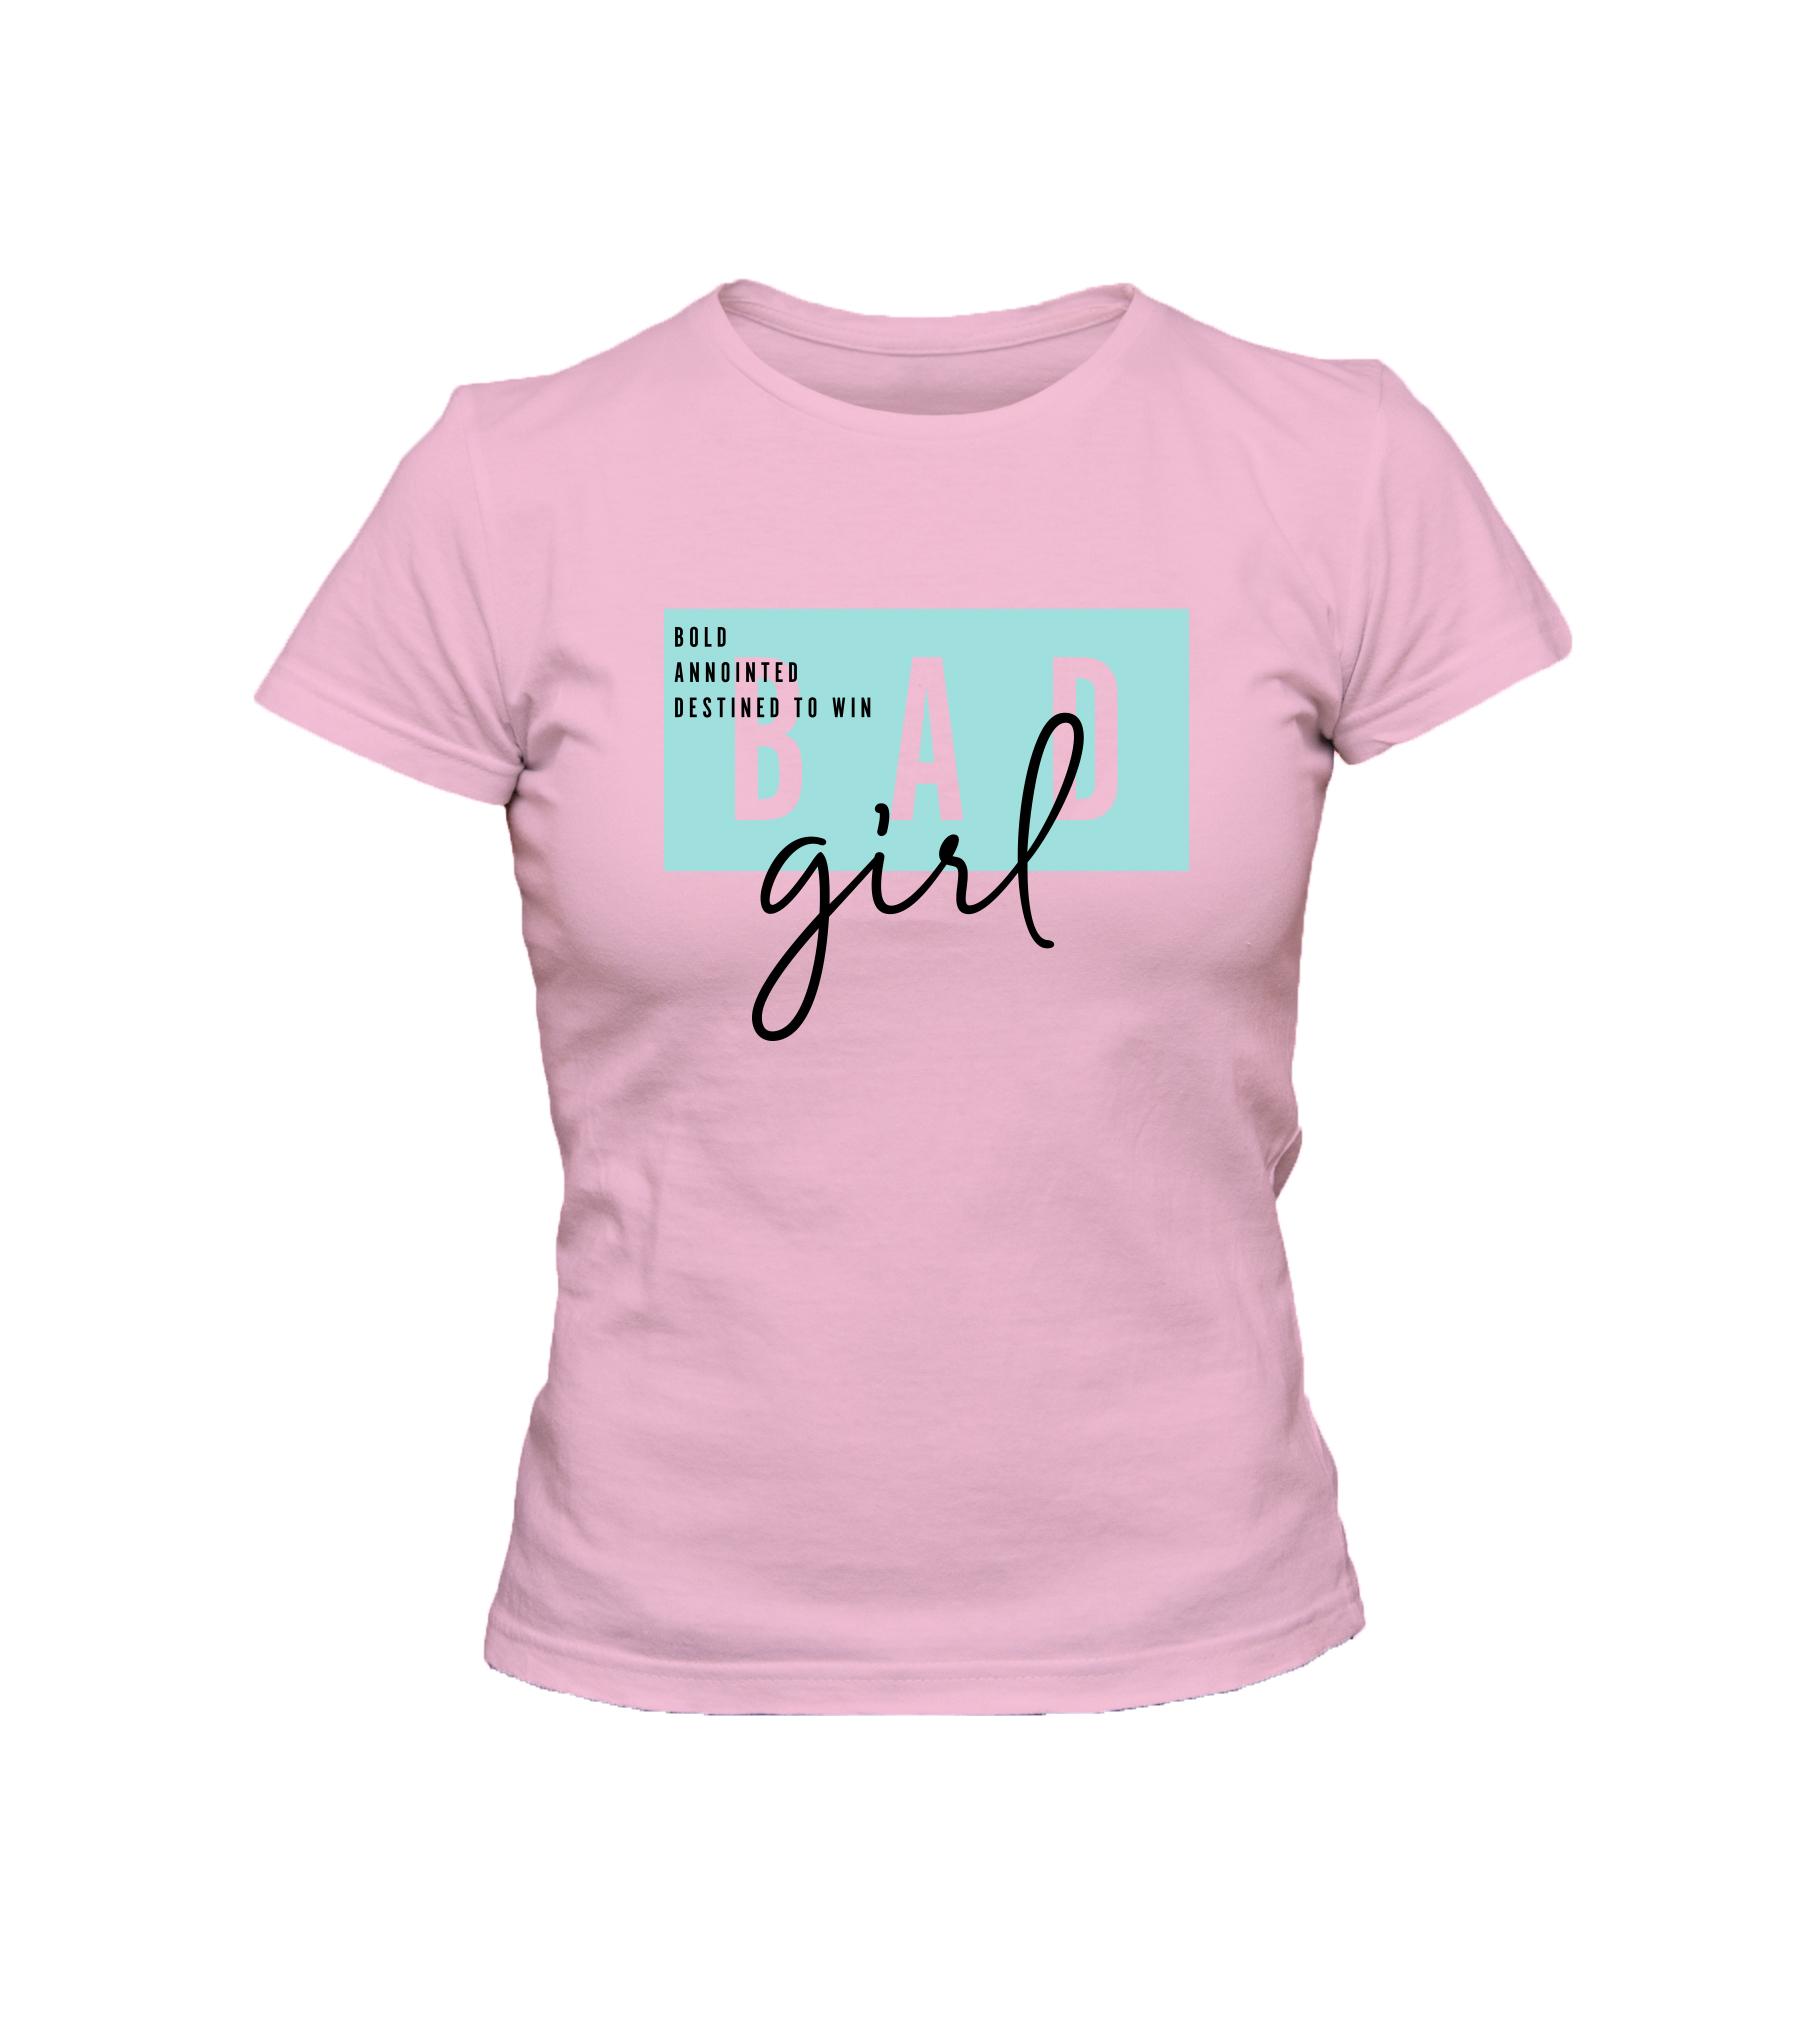 B.A.D. Girl - MU.jpg